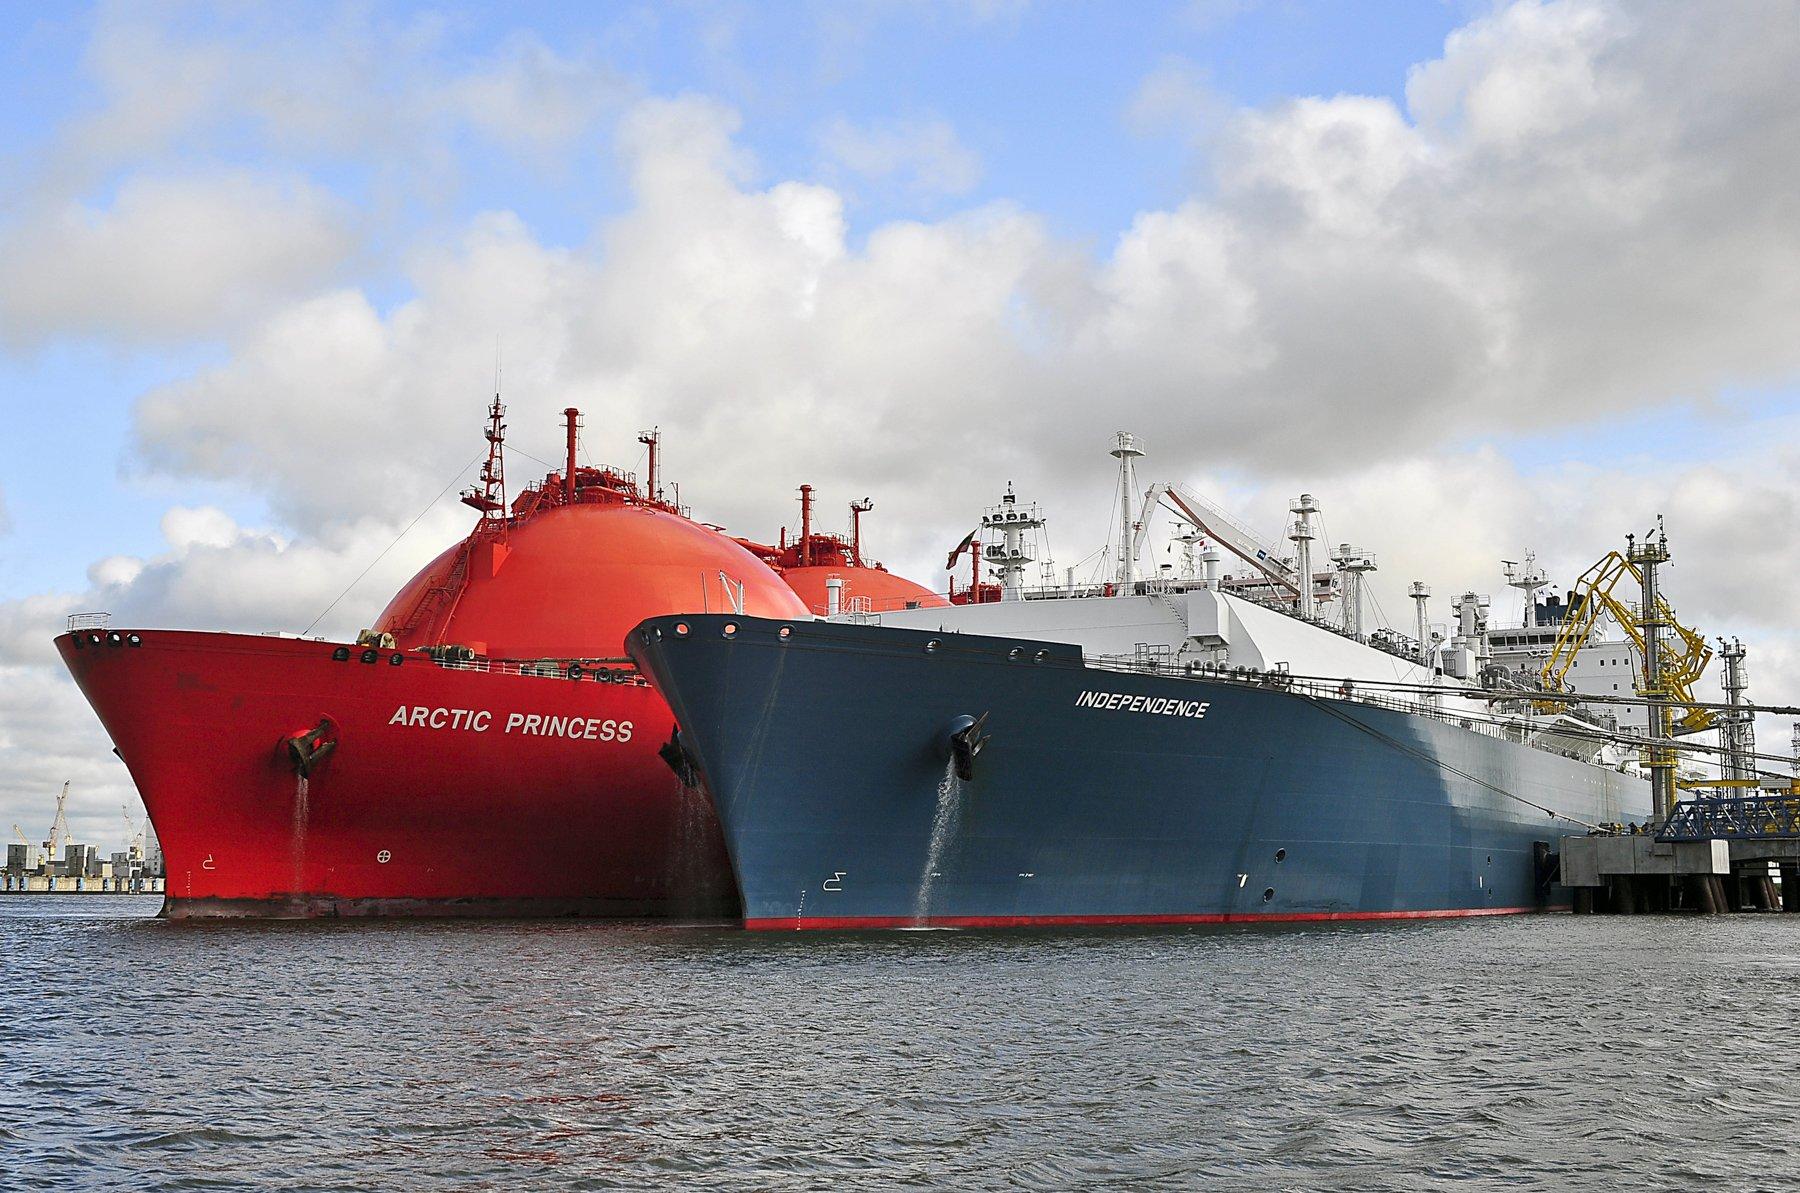 سفن عملاقة تستعد للابحار - سنغافورة